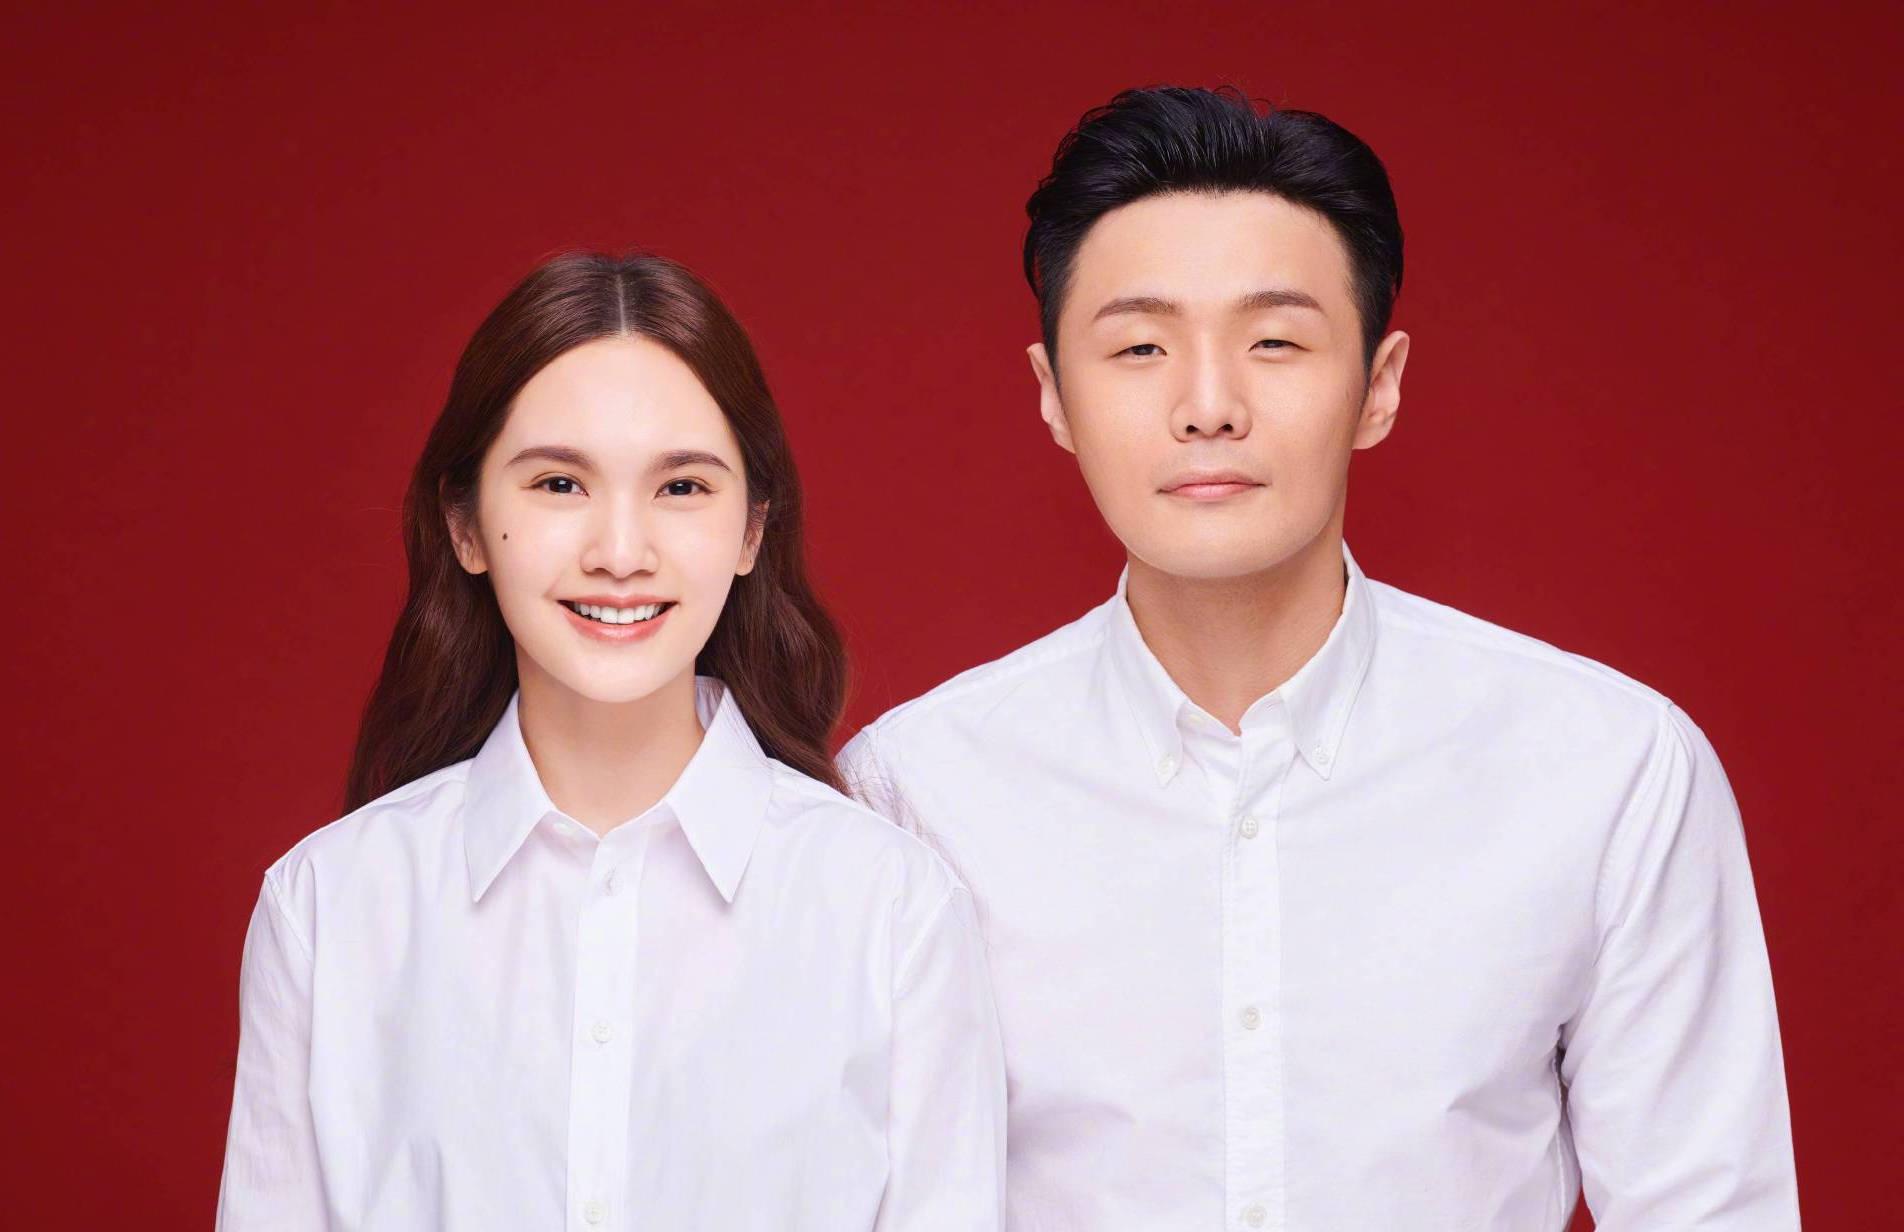 甜蜜撒狗粮!李荣浩连续六年为杨丞琳卡点庆生 称呼从少女女孩变成老婆